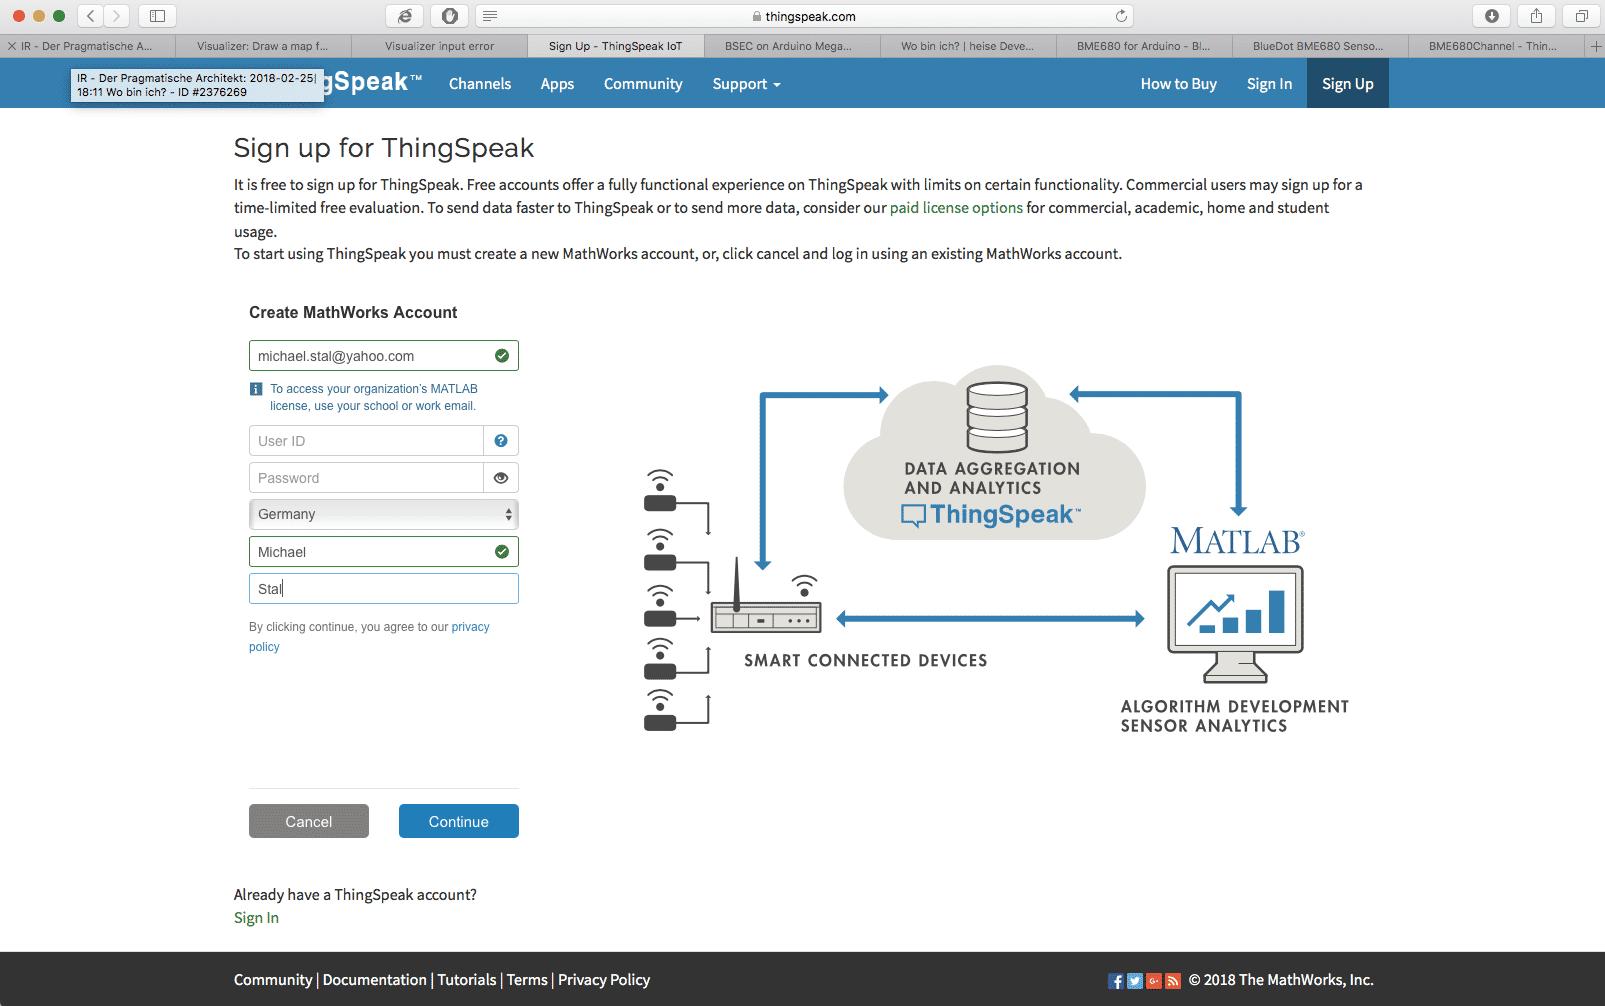 Anmeldung als neuer Nutzer auf der ThingSpeak